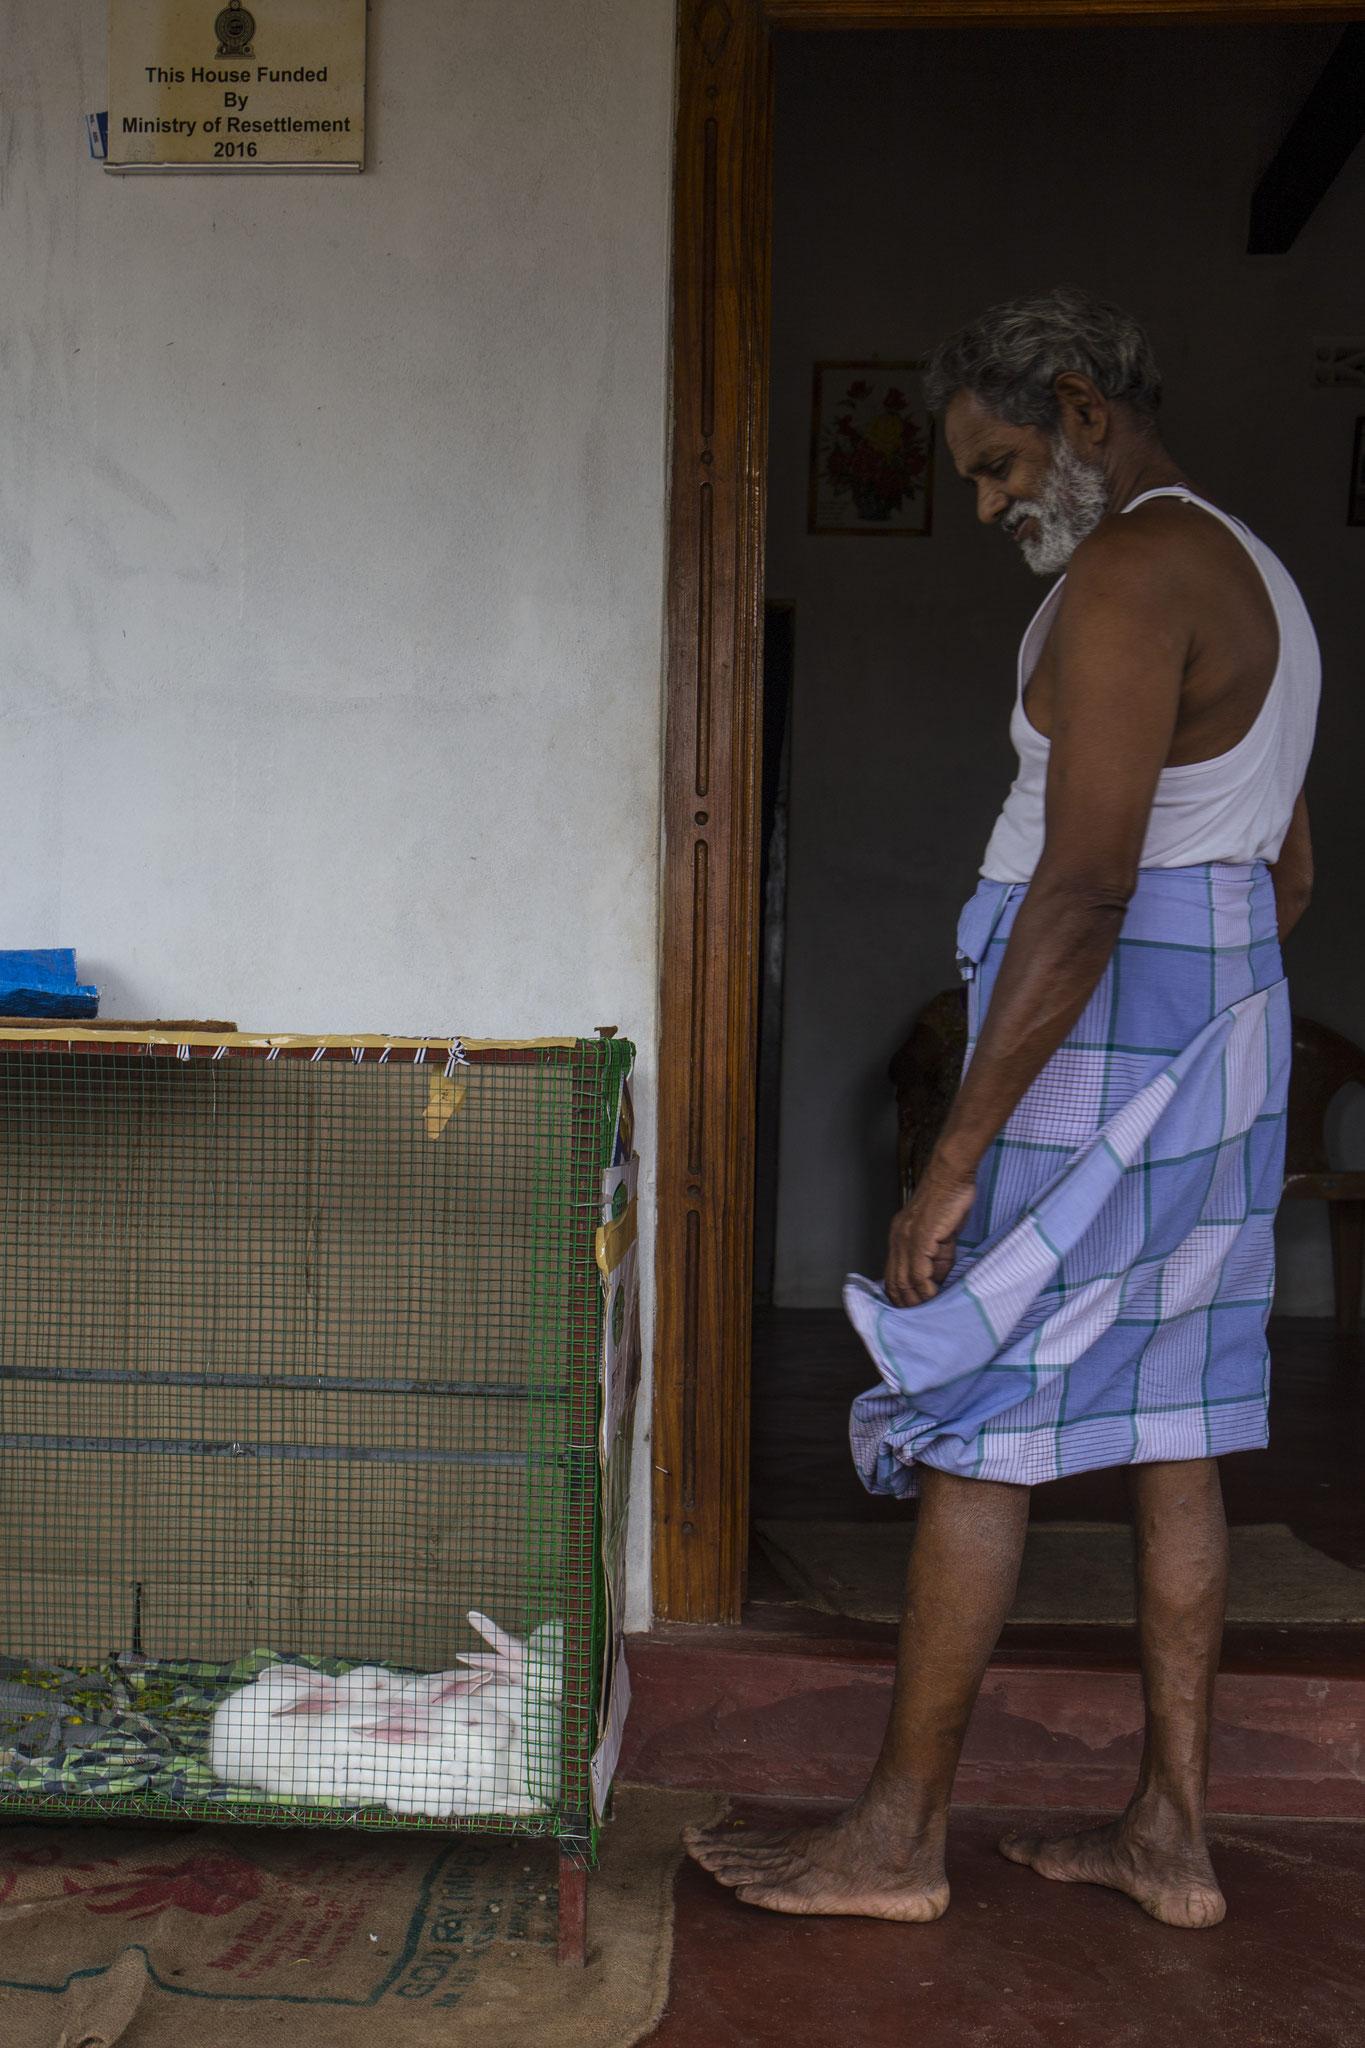 Morris auf seiner Terrasse mit seinen Zuchtkaninchen, mit denen er sich nebenbei etwas Geld verdient. Mullaitivu, 2018